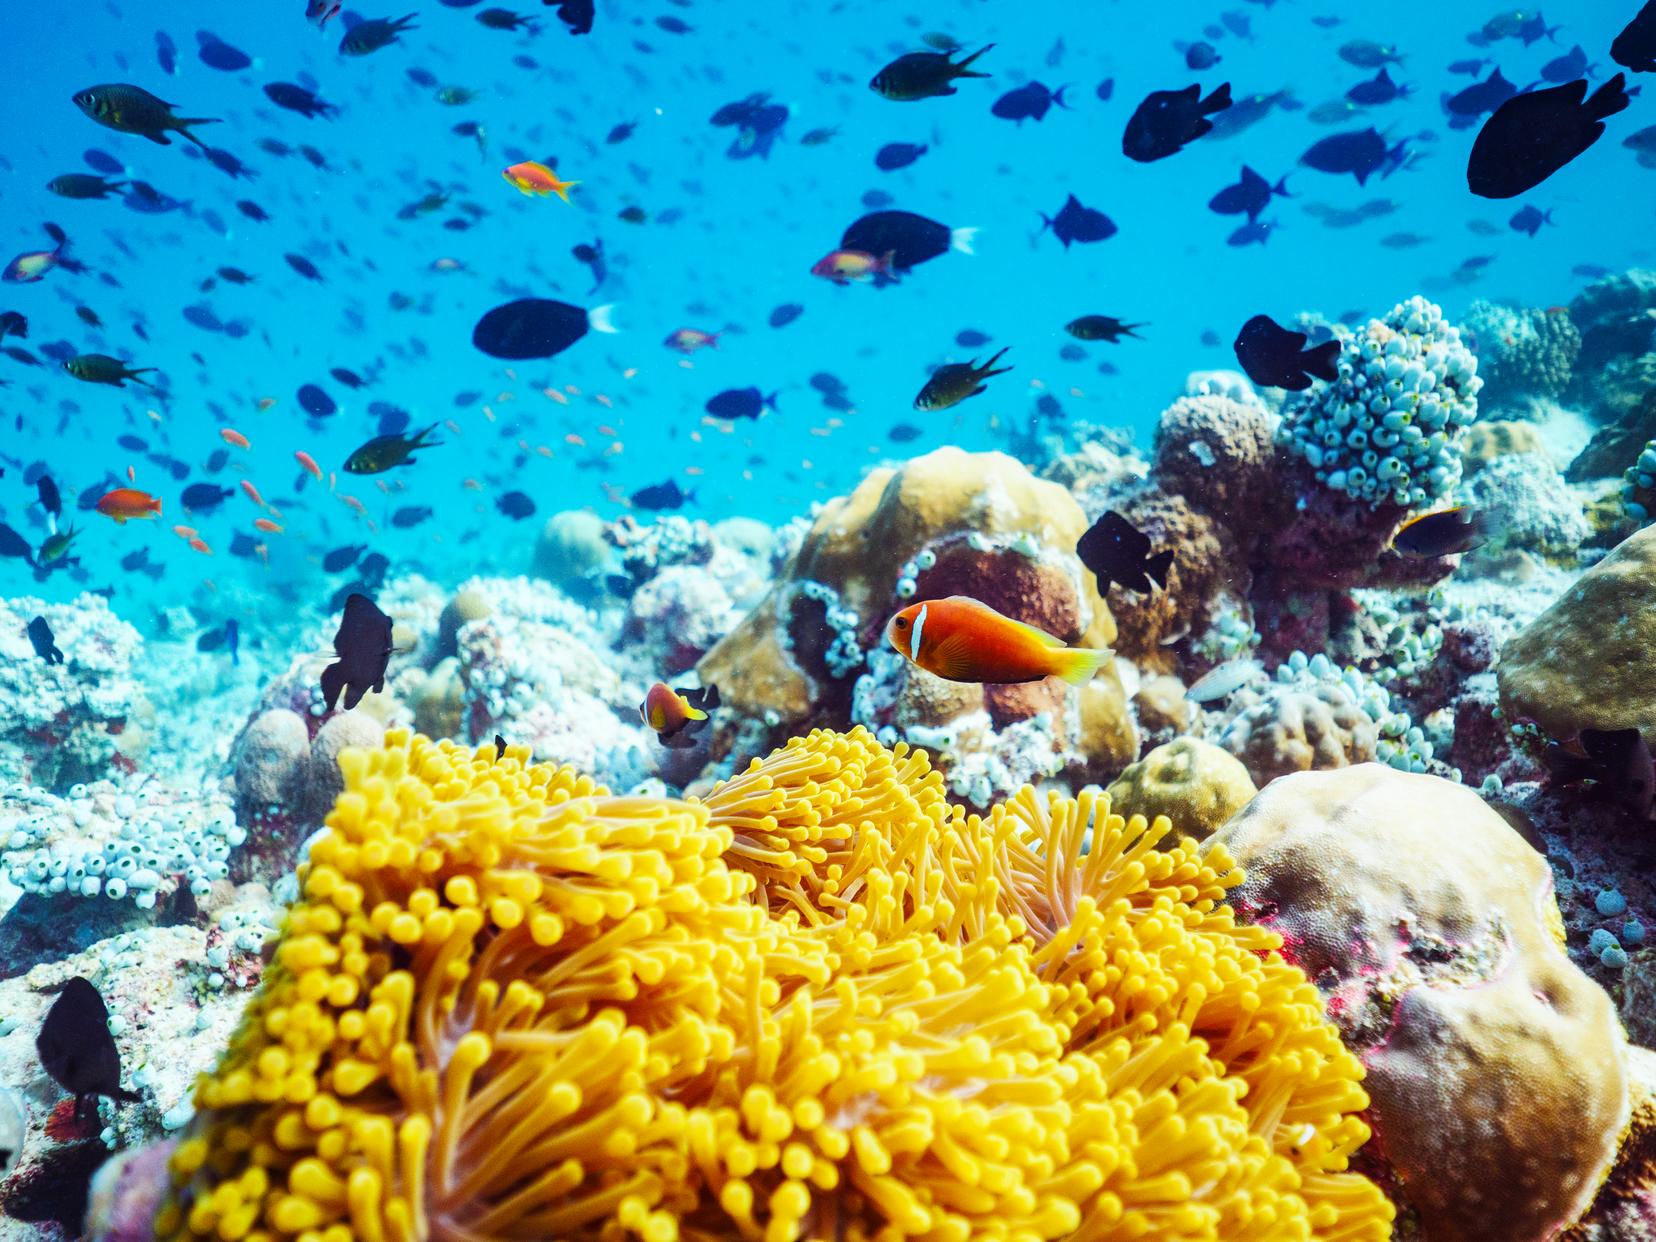 Острів оточує блакитна лагуна, у водах якої безліч різнобарвних морських жителів. Плавайте з маскою, занурюйтесь у глибини коралових рифів або просто засмагайте на м'якому піску - тут будь-який відпочинок - райський.